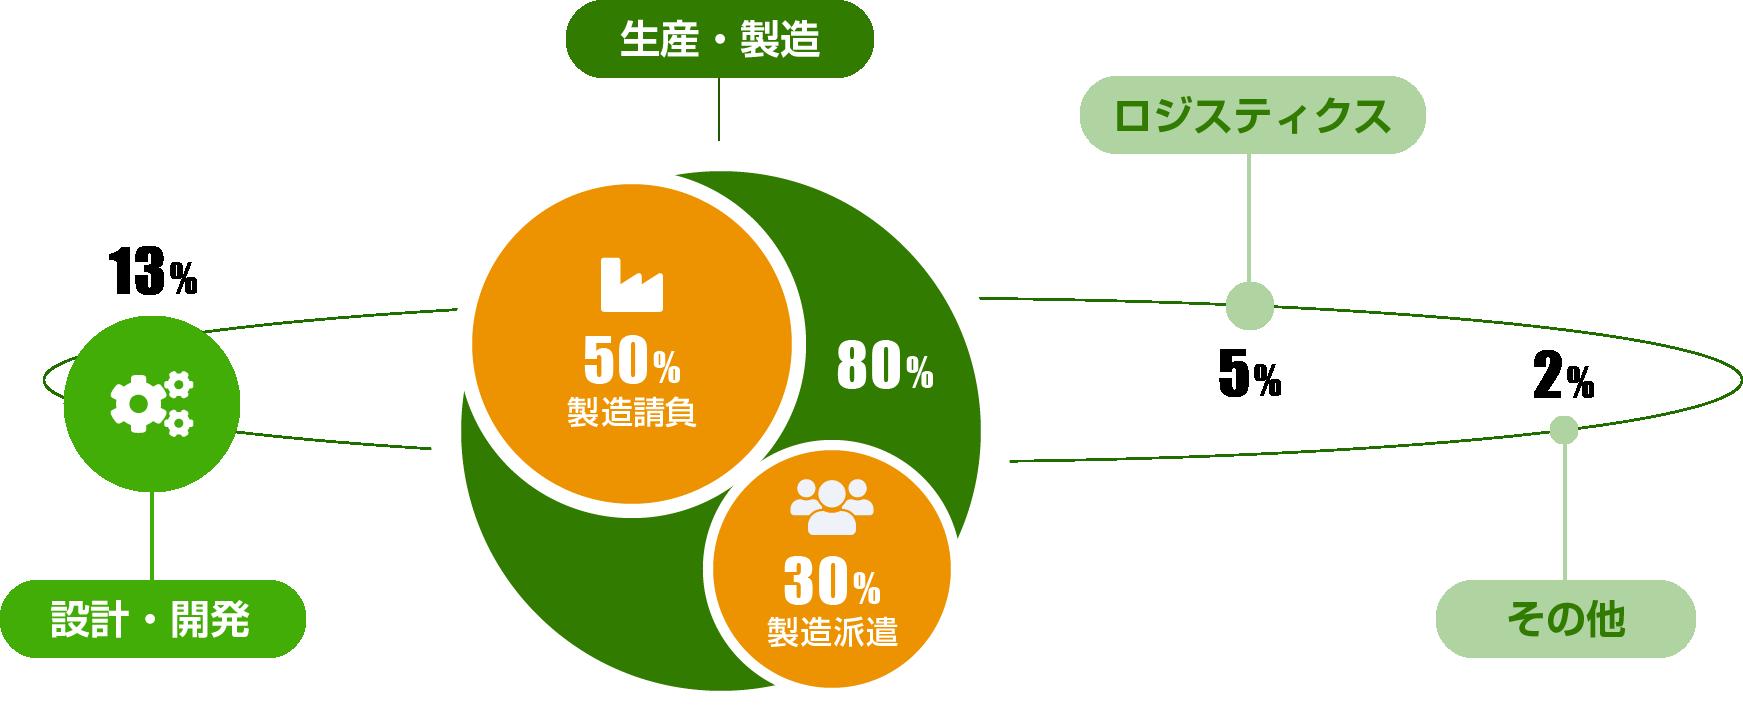 図:イカイの事業紹介